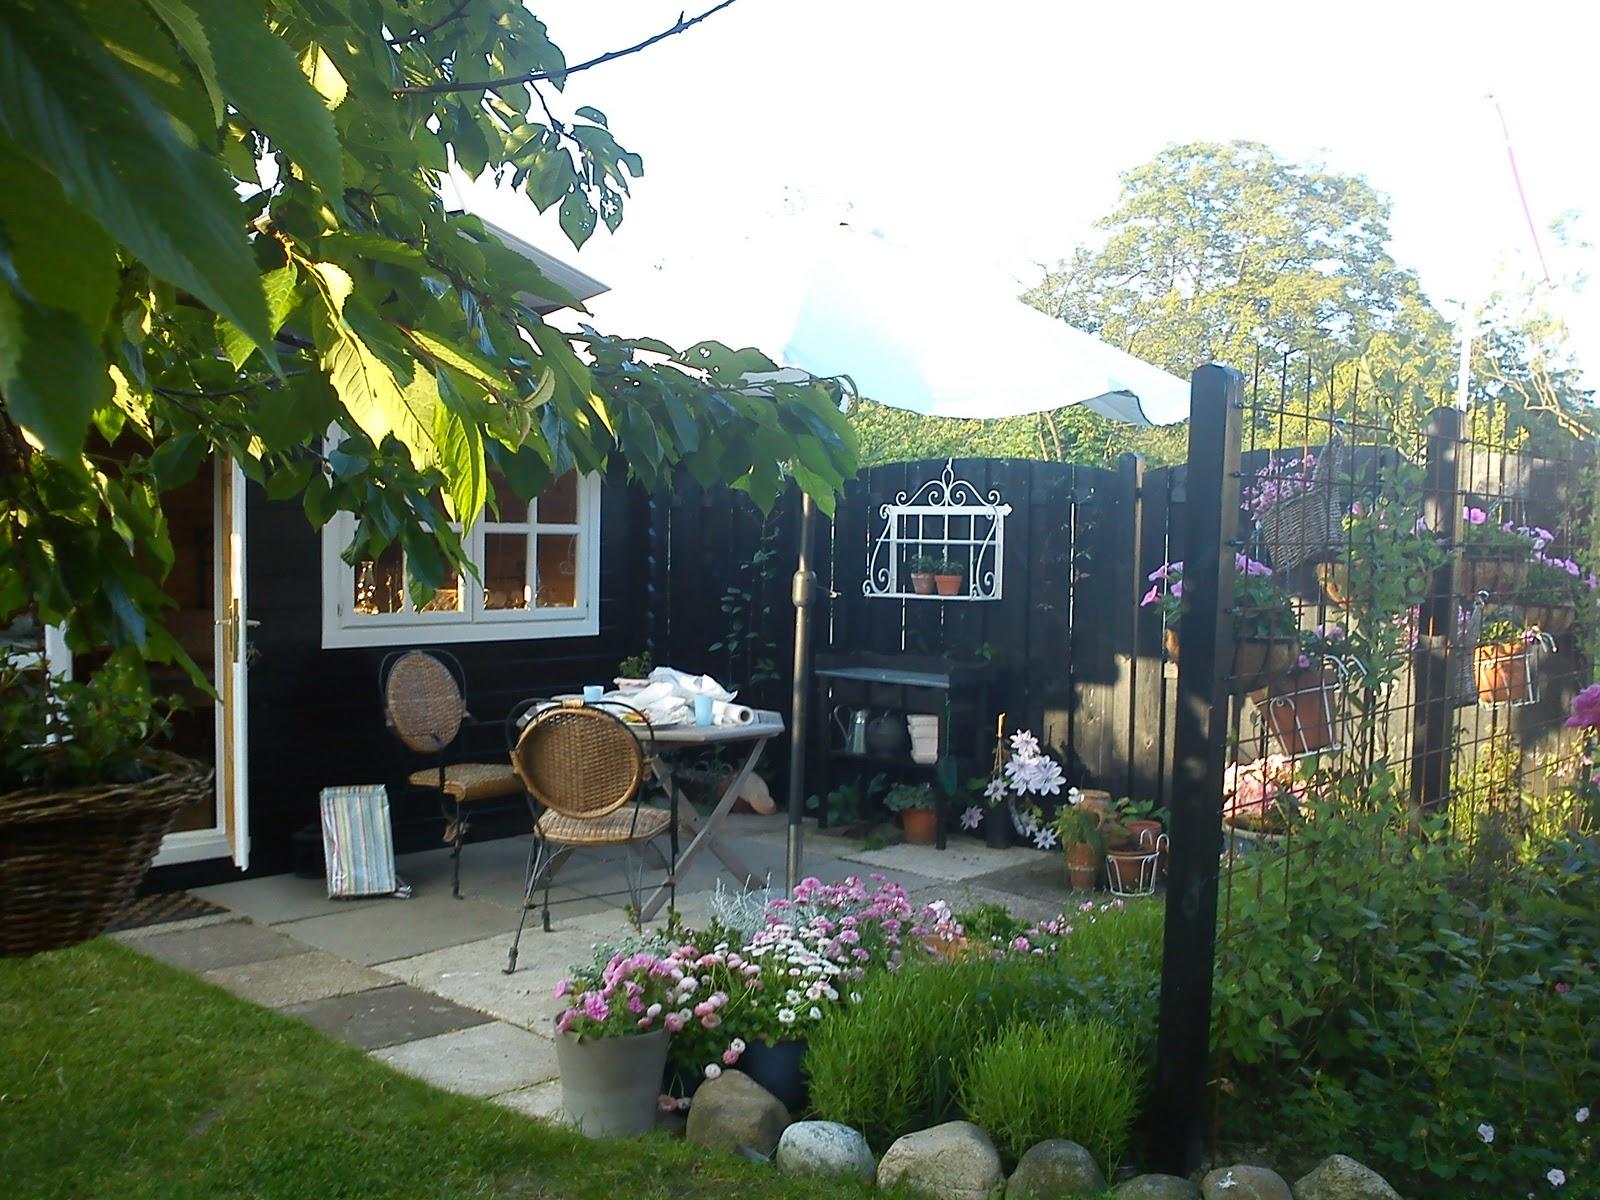 Nettes lille have: en have i forandring